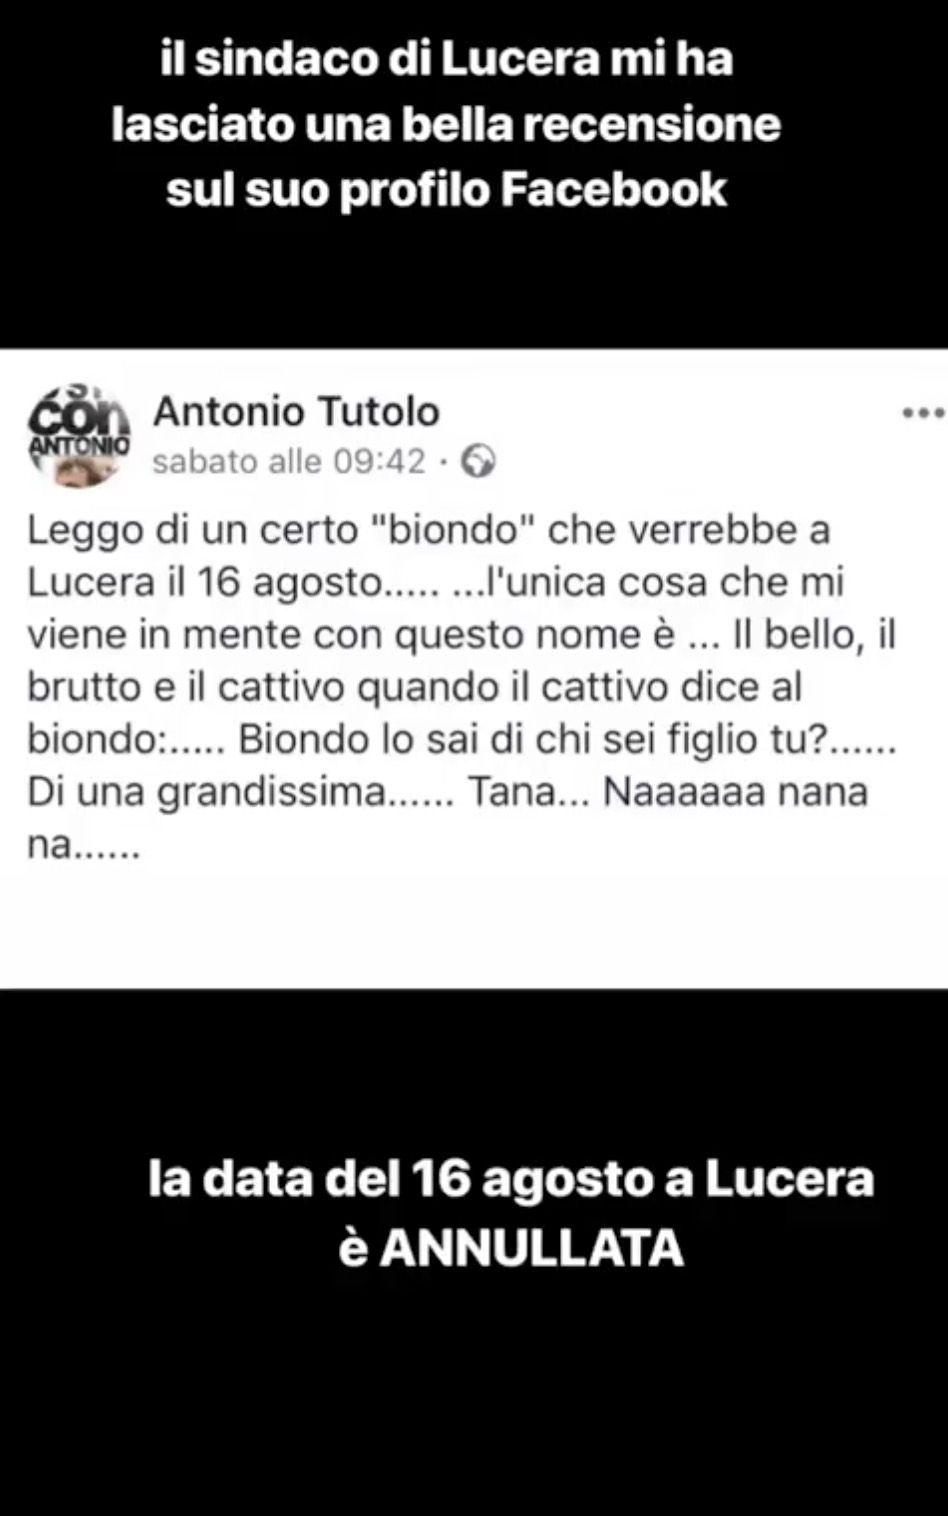 La storia Instagram di Biondo che riprende il post su Facebook del sindaco di Lucera